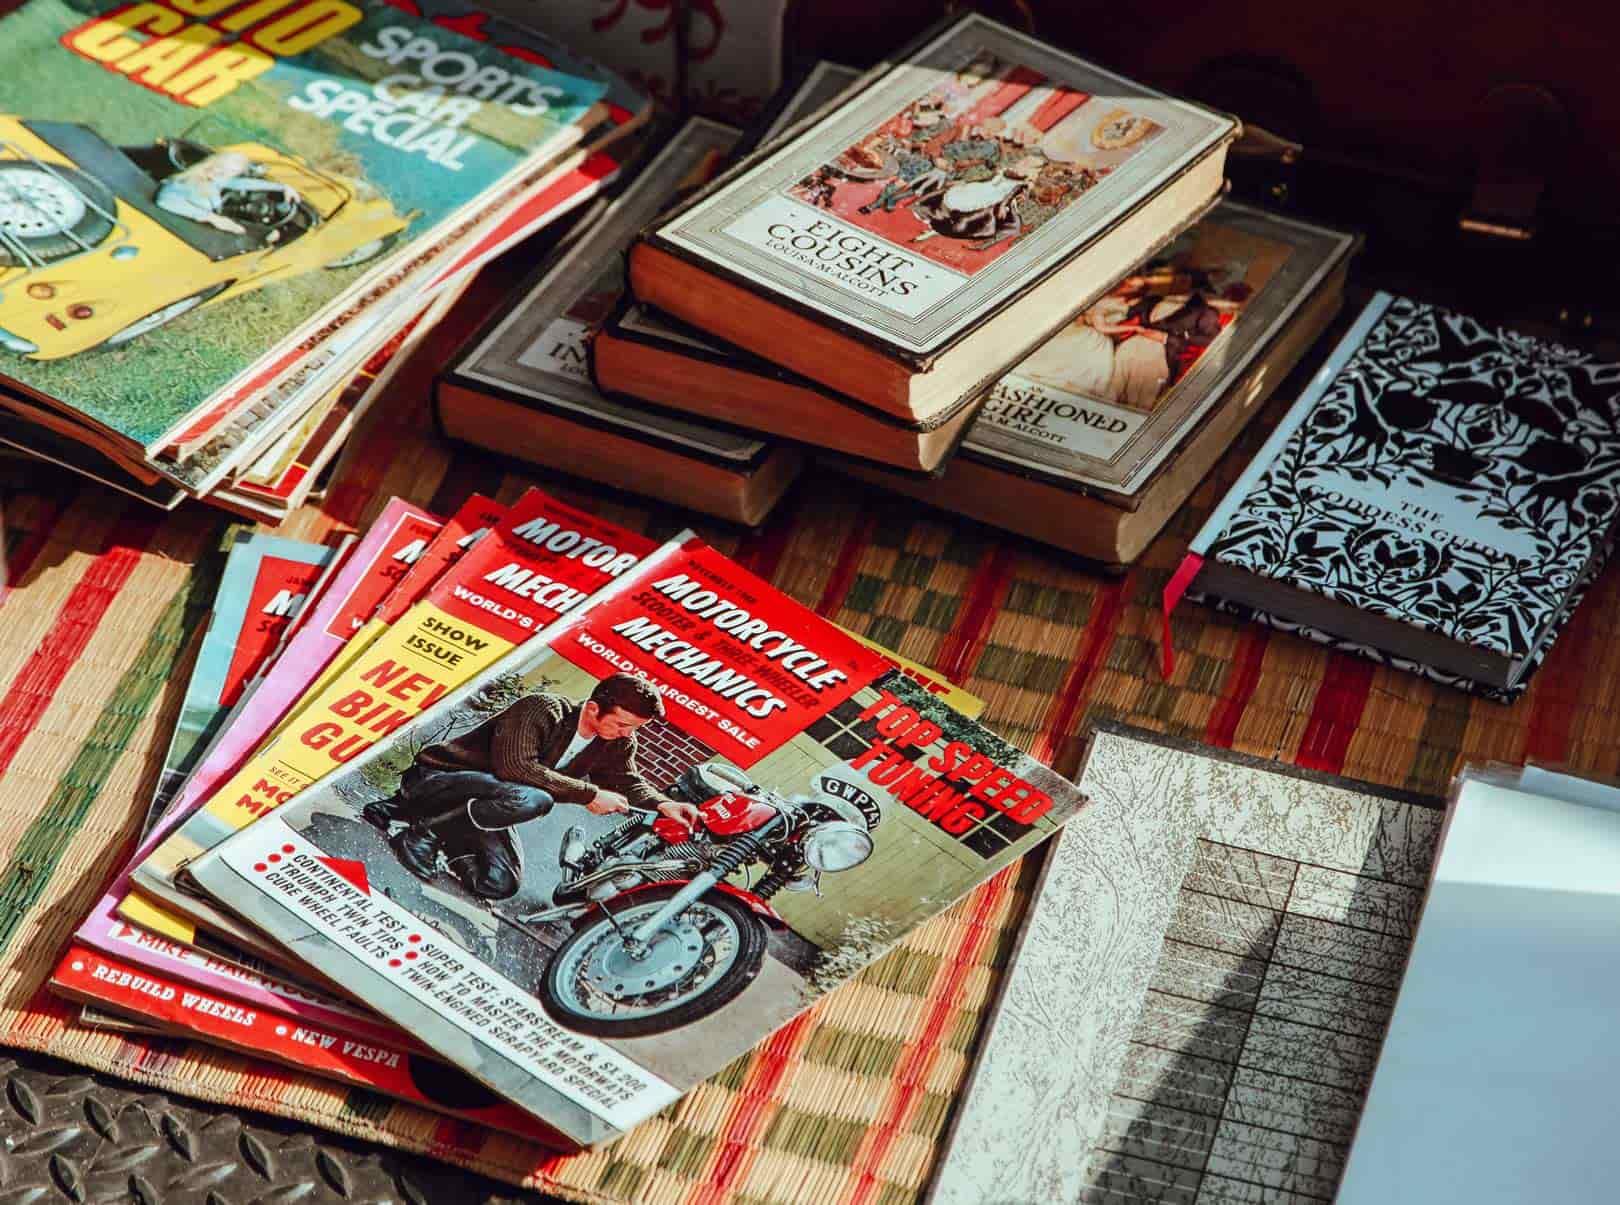 Una imagen vale más que mil palabras: las mejores novelas gráficas para devorar